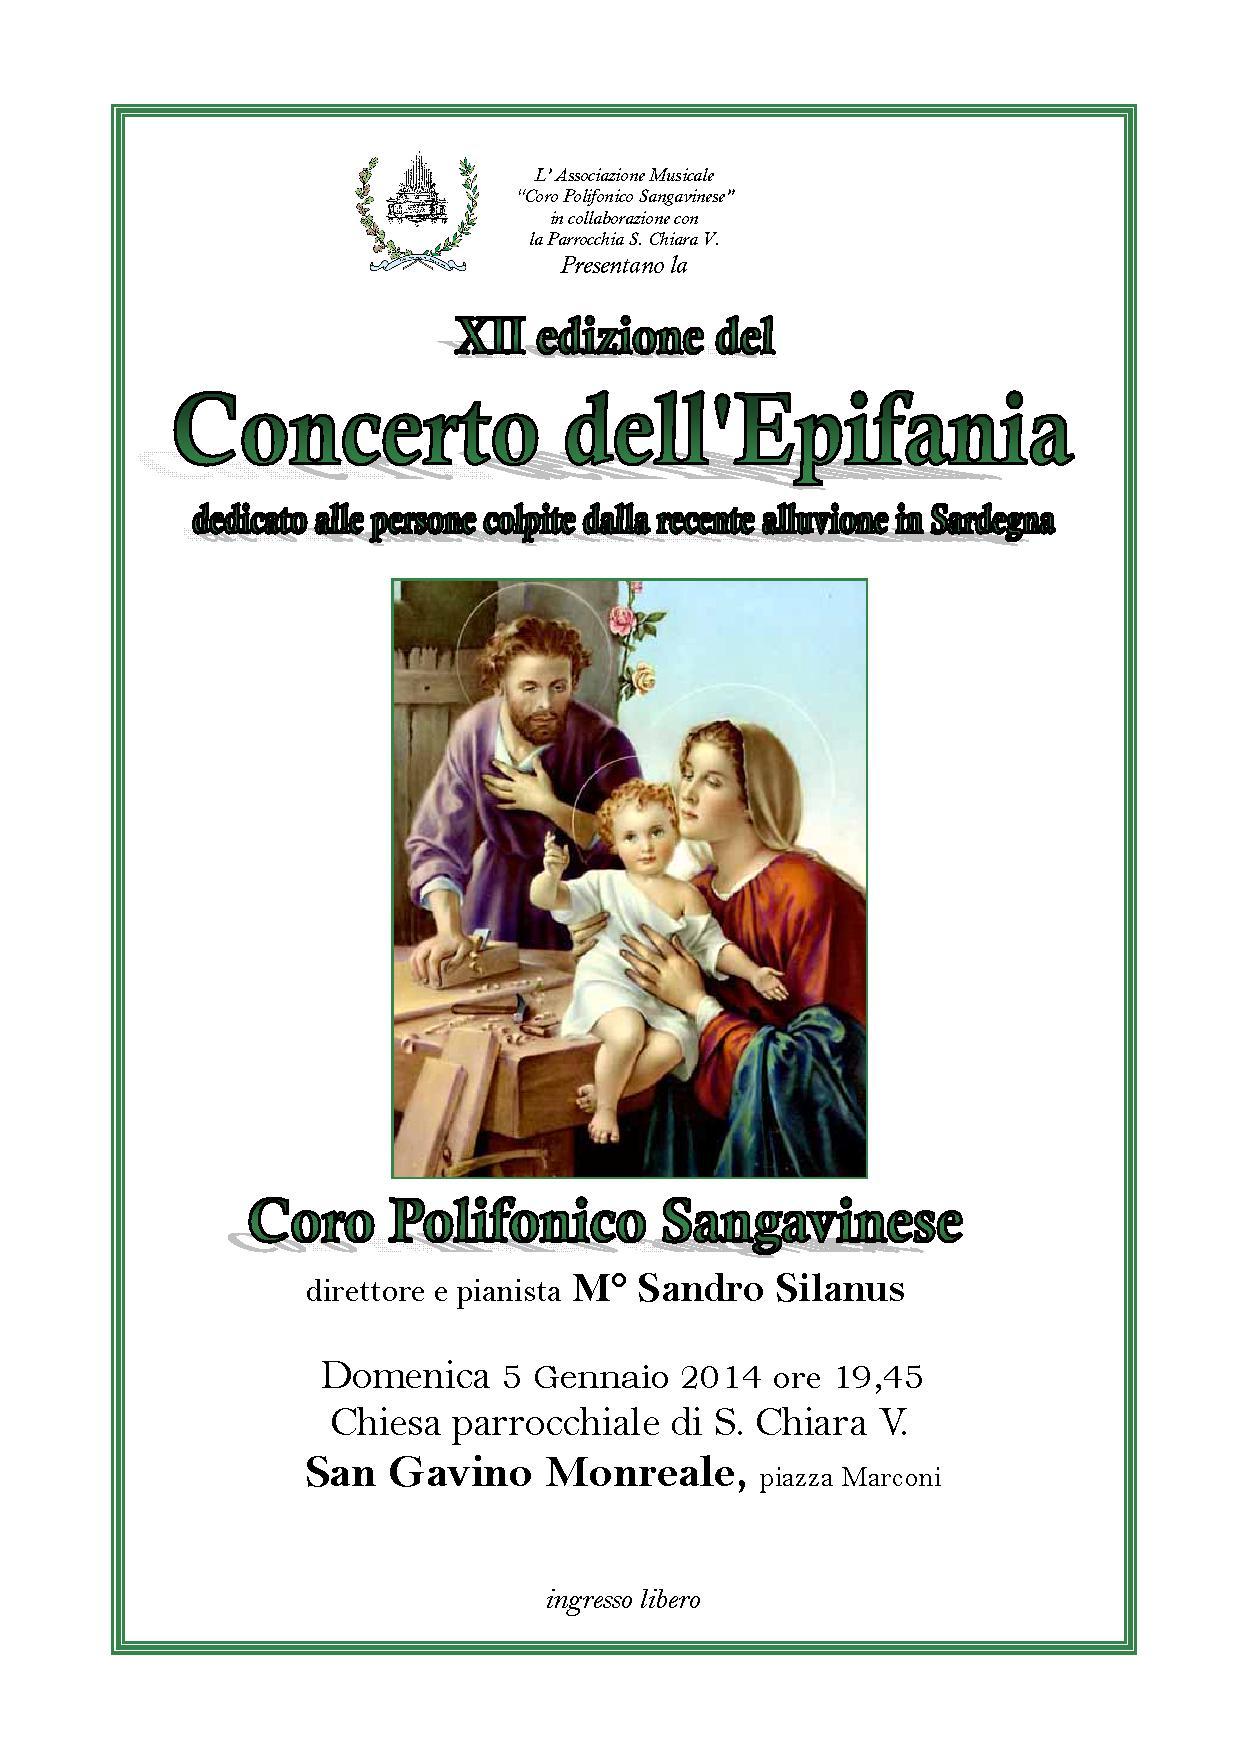 XII Edizione del Concerto dell'Epifania